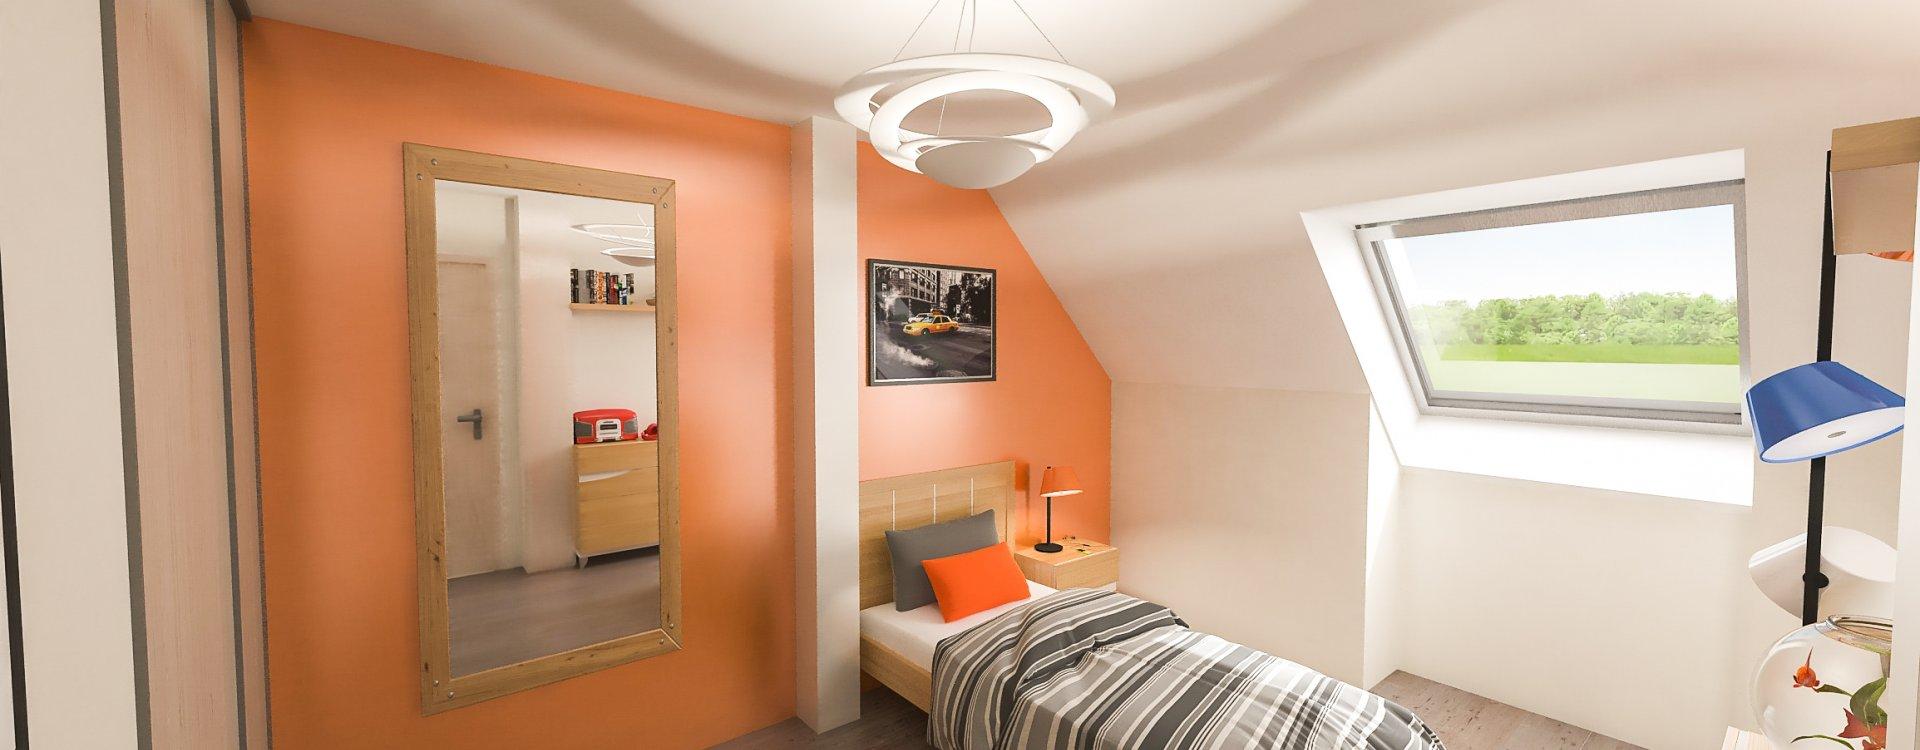 Maisons + Terrains du constructeur EASY HOUSE • 145 m² • SAINT AY